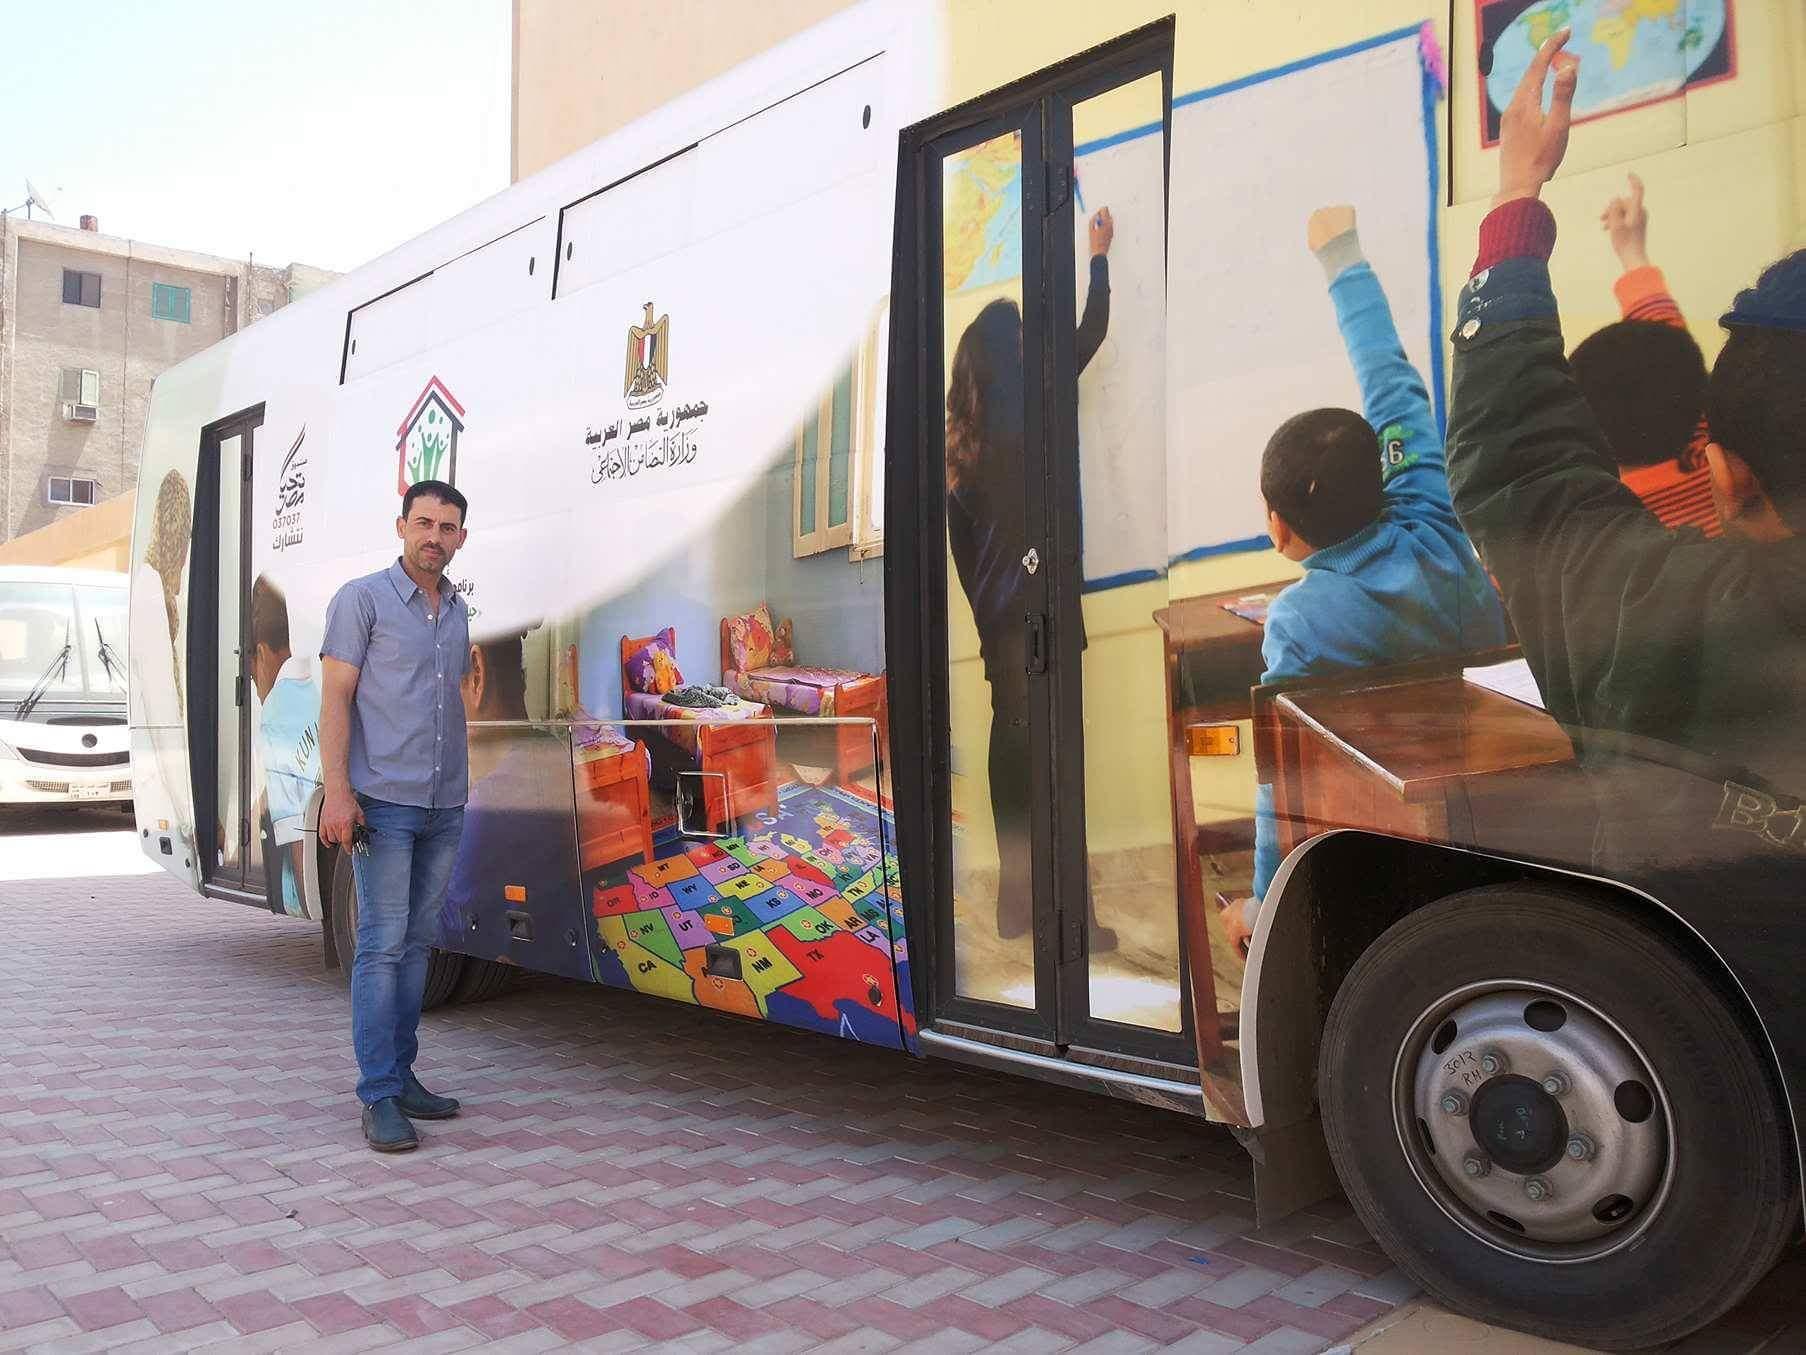 صورة برنامج أطفال بلا مأوى يعلن عن فرص عمل جديدة بمحافظة الشرقية